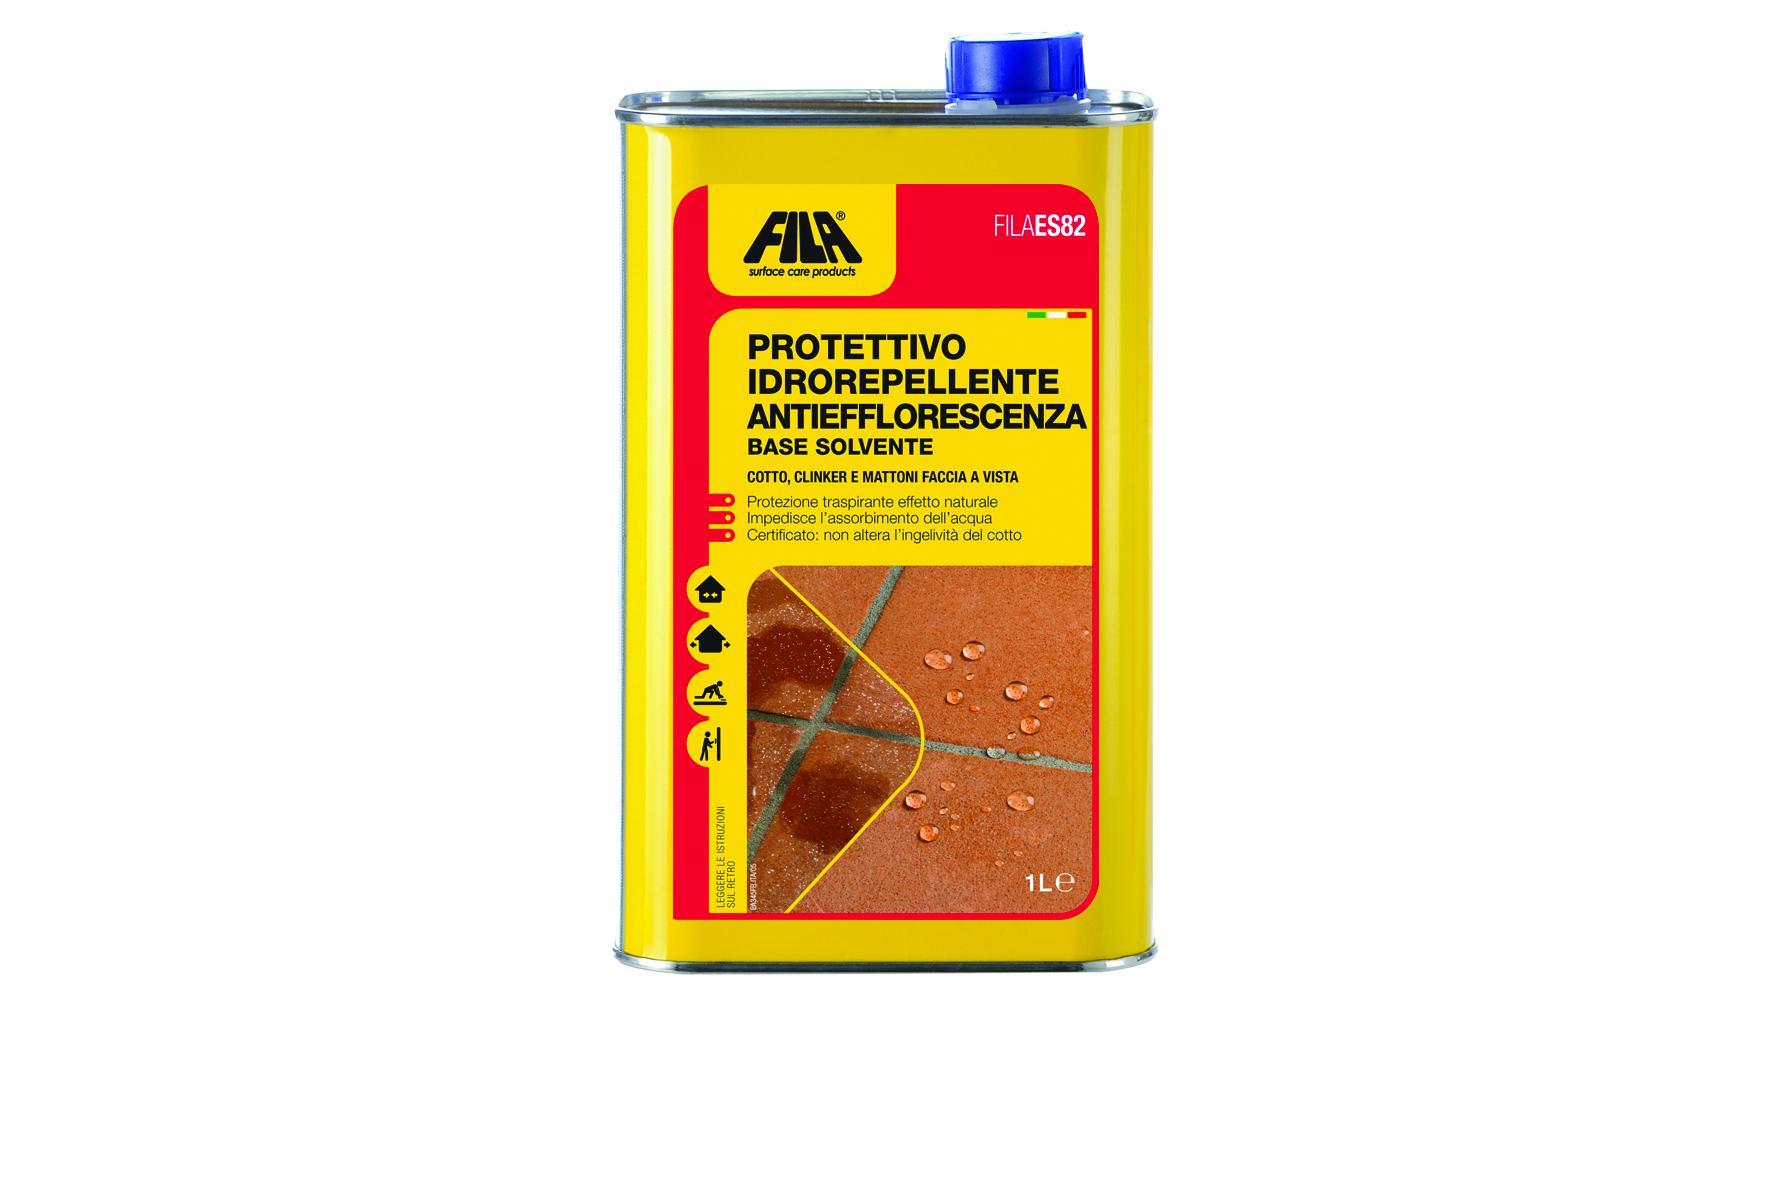 Protettivo Antiefflorescenza base solvente 1lt FilaES82 FILA